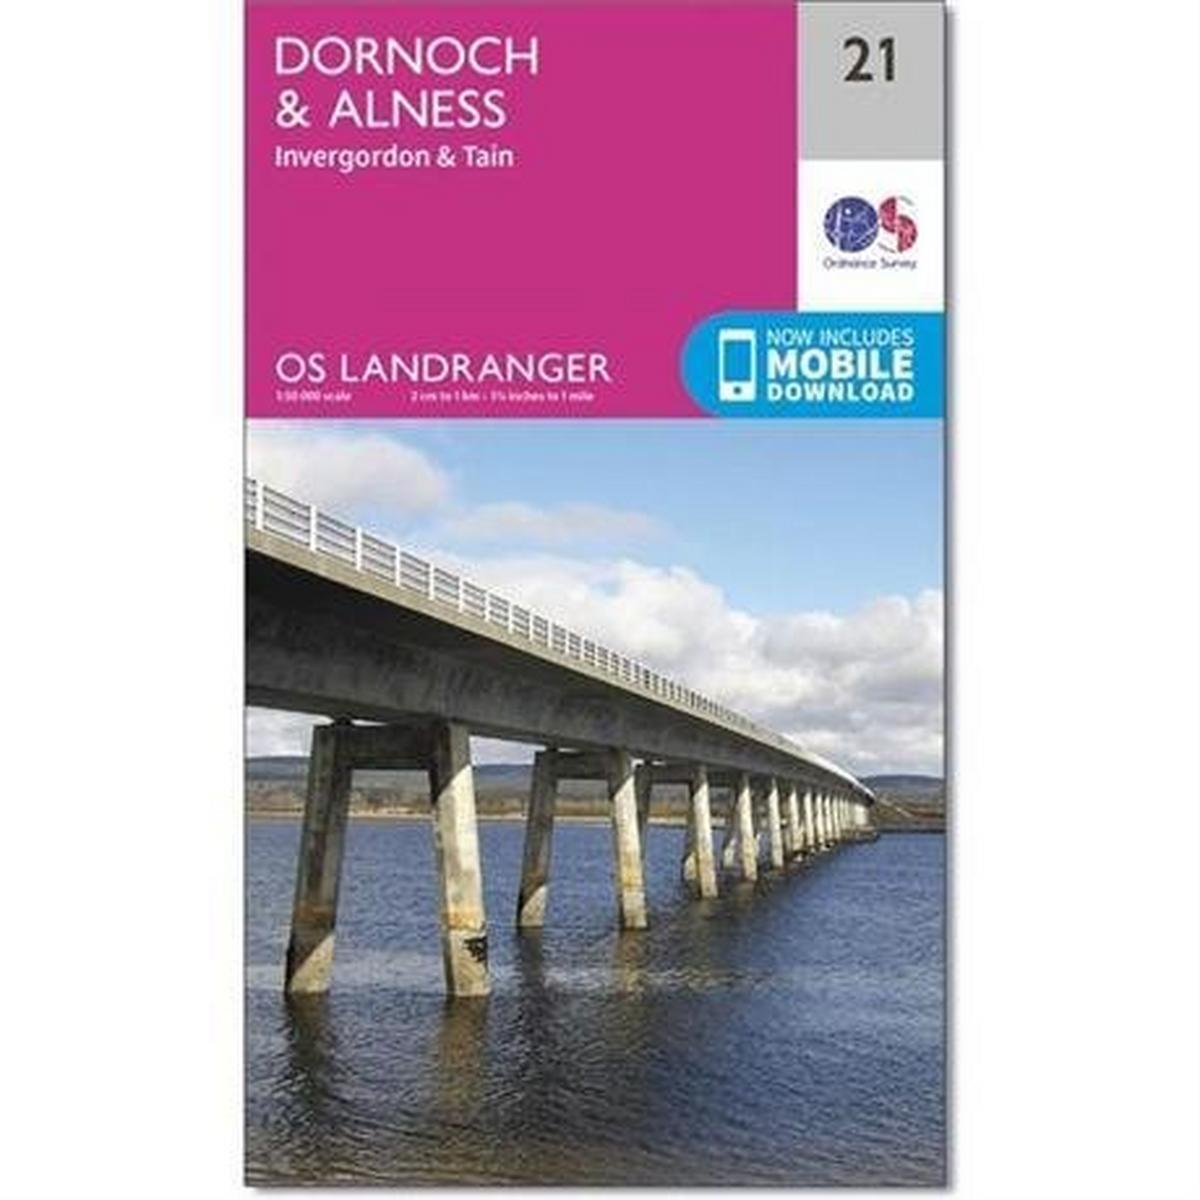 Ordnance Survey OS Landranger Map 21 Dornoch & Alness, Invergordon & Tain